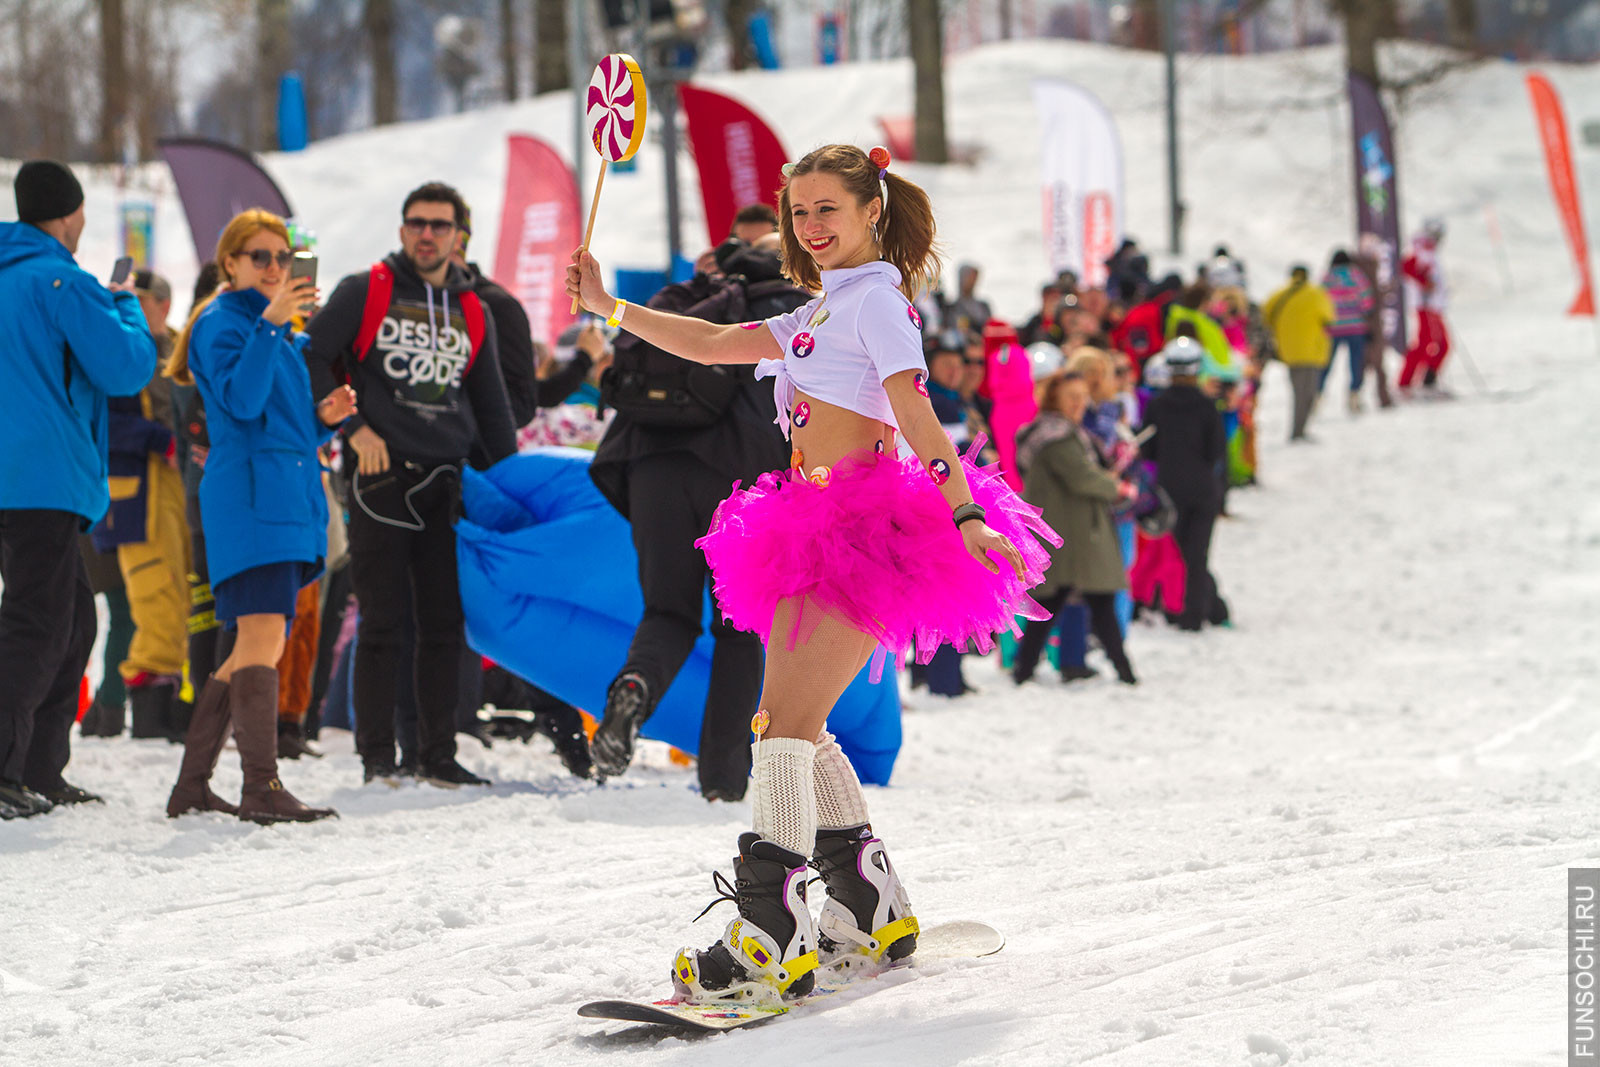 девушка на сноуборде в карнавальном костюме